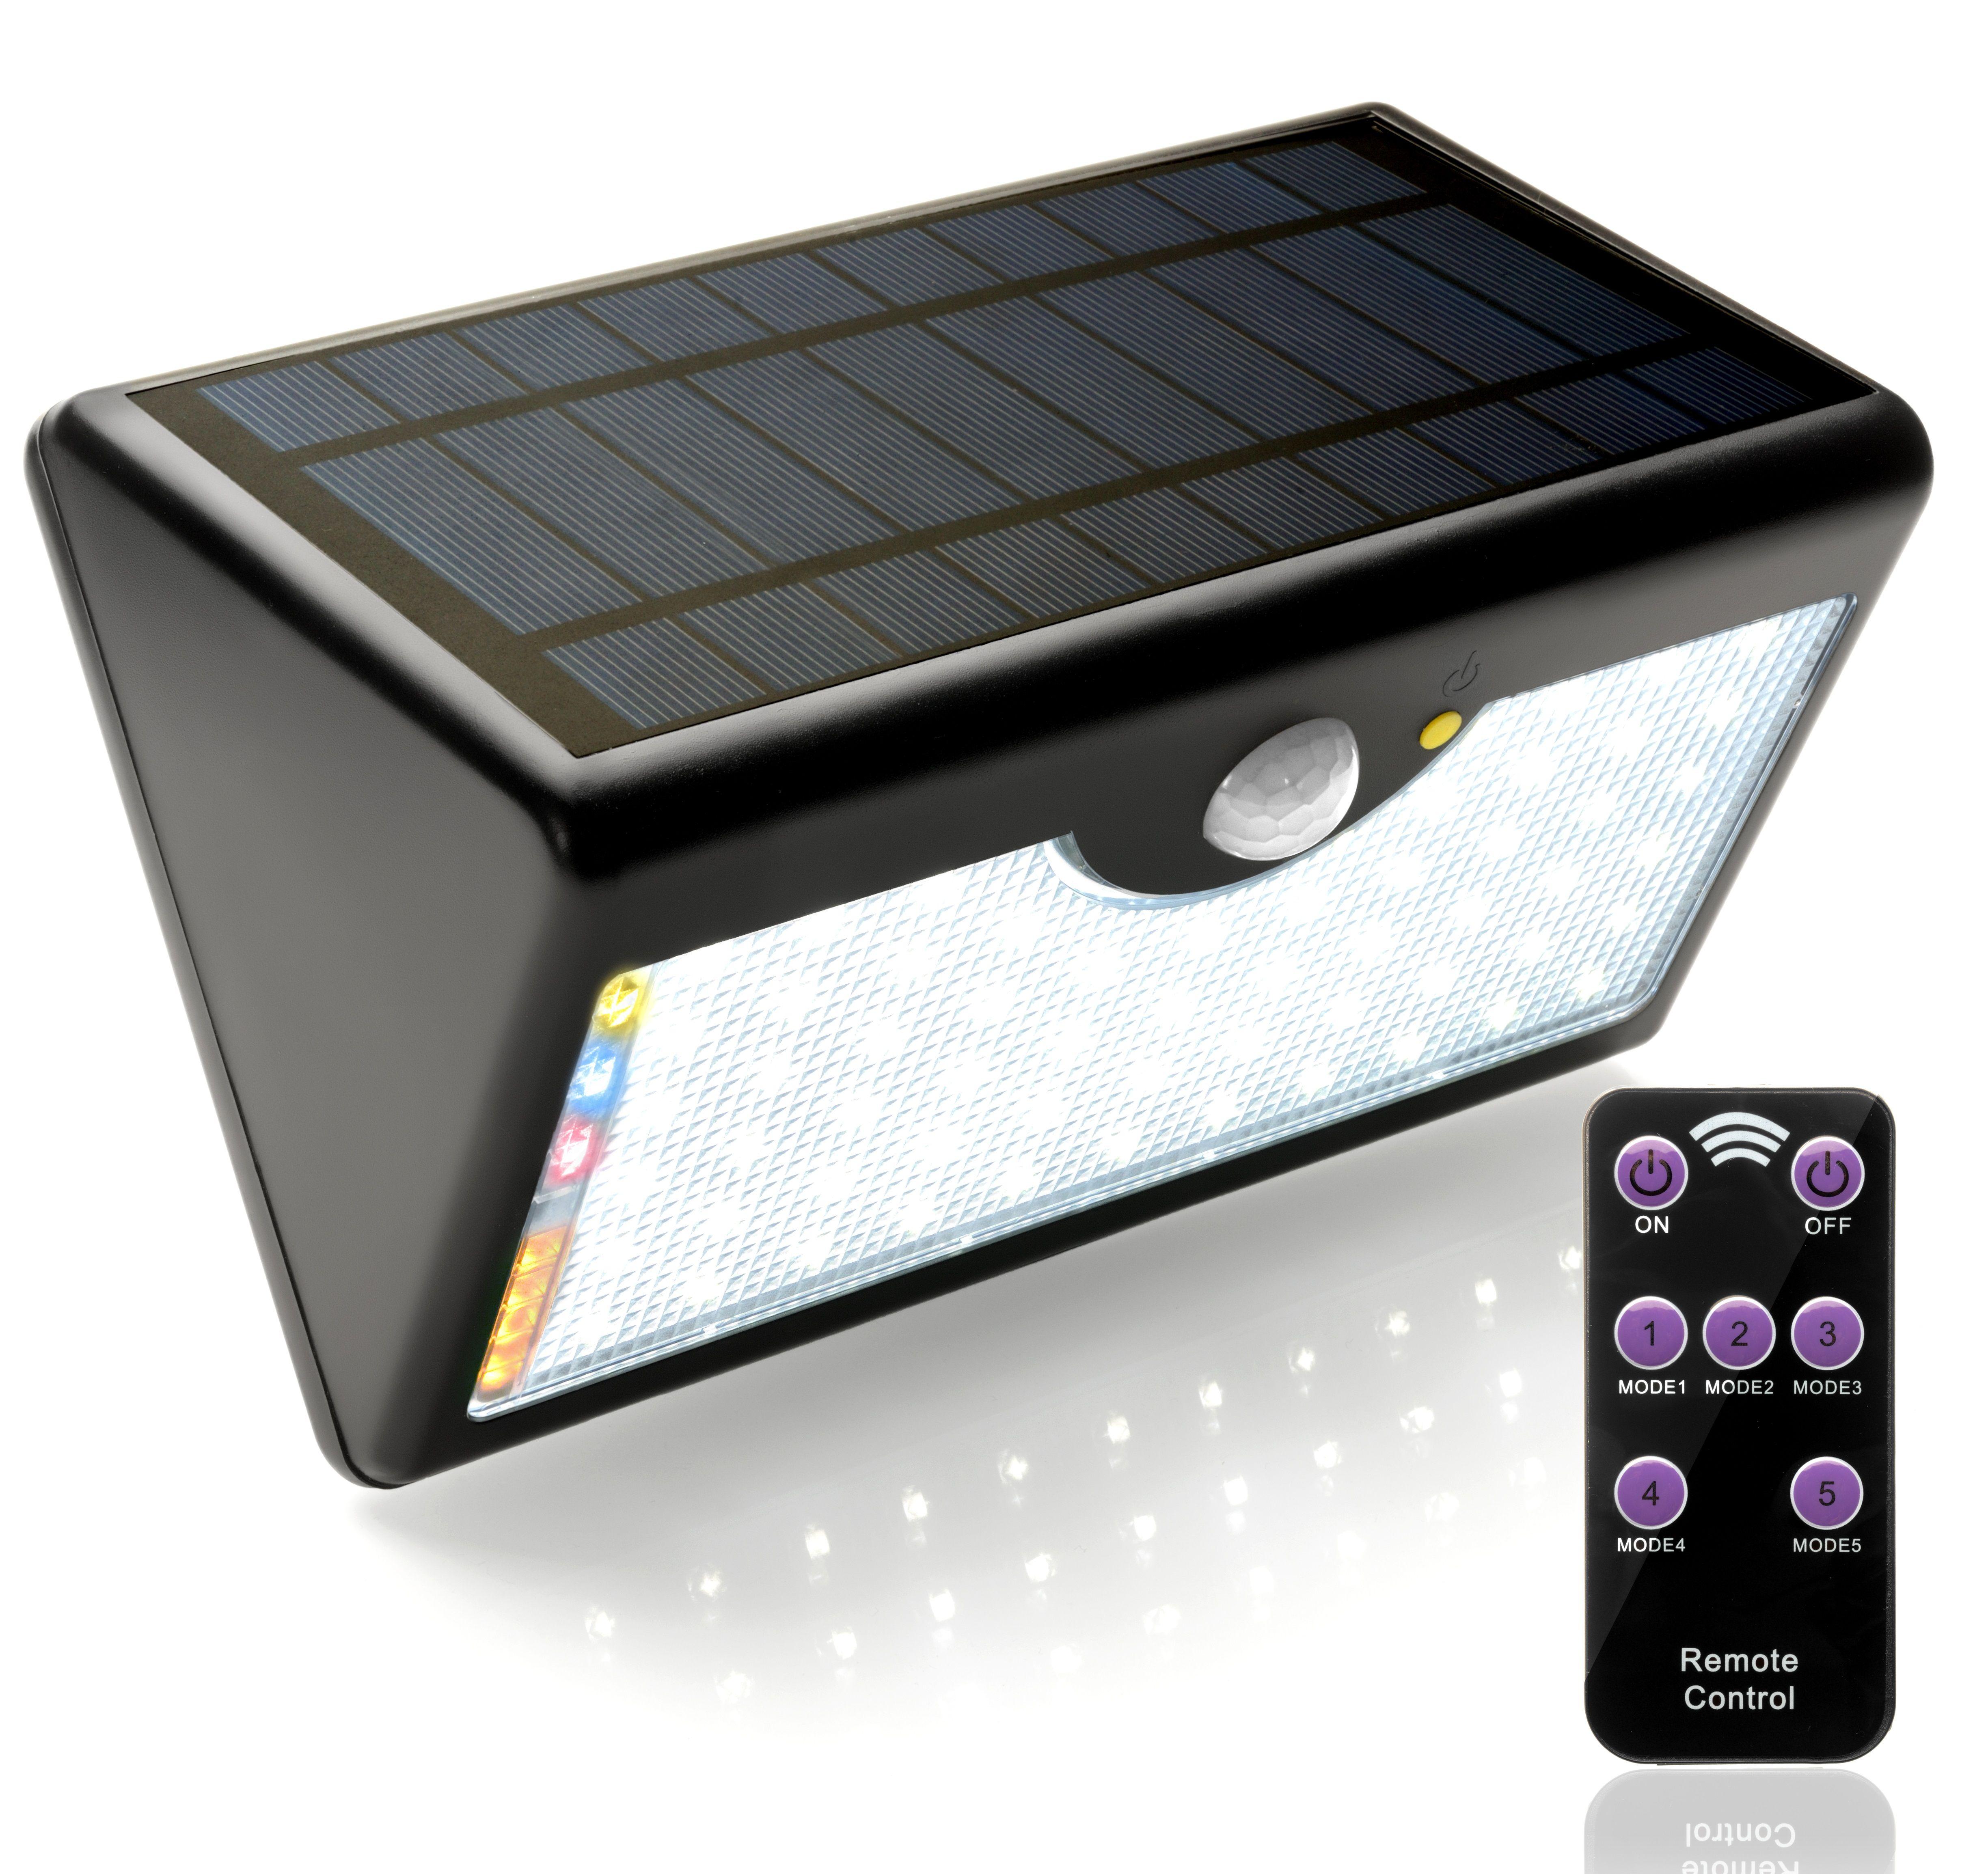 Ecosolarglb Luz Solar Led Lampara Foco Luces Solares 60 Leds Iluminación 1300 Lúmenes Con Sensor De Movimiento Luces Solares Exterior Lampara Foco Focos